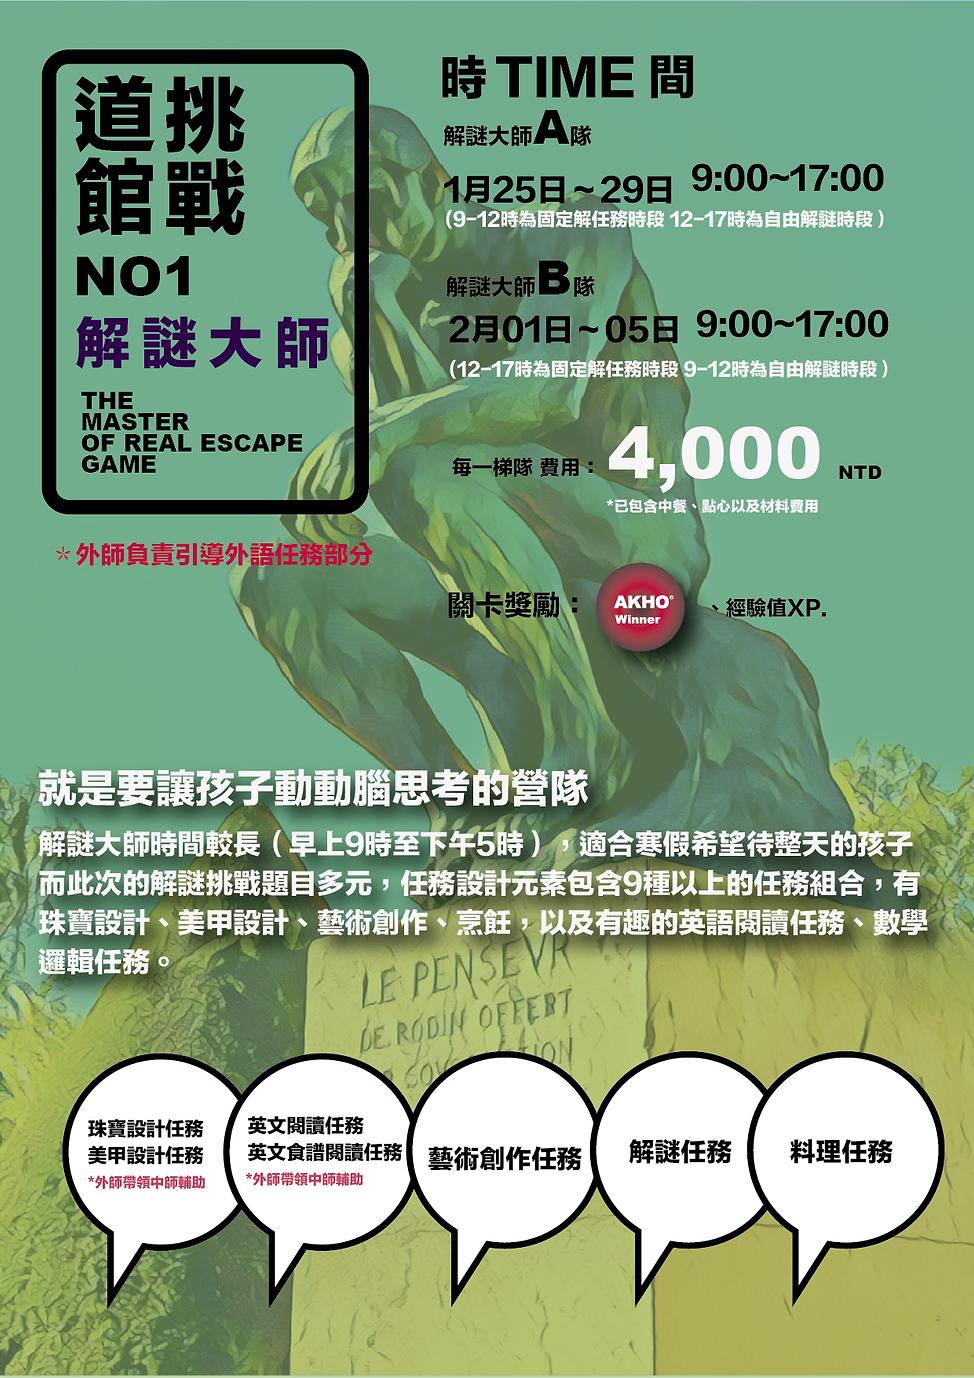 pokemon web poster 222_工作區域 1 複本 3.png